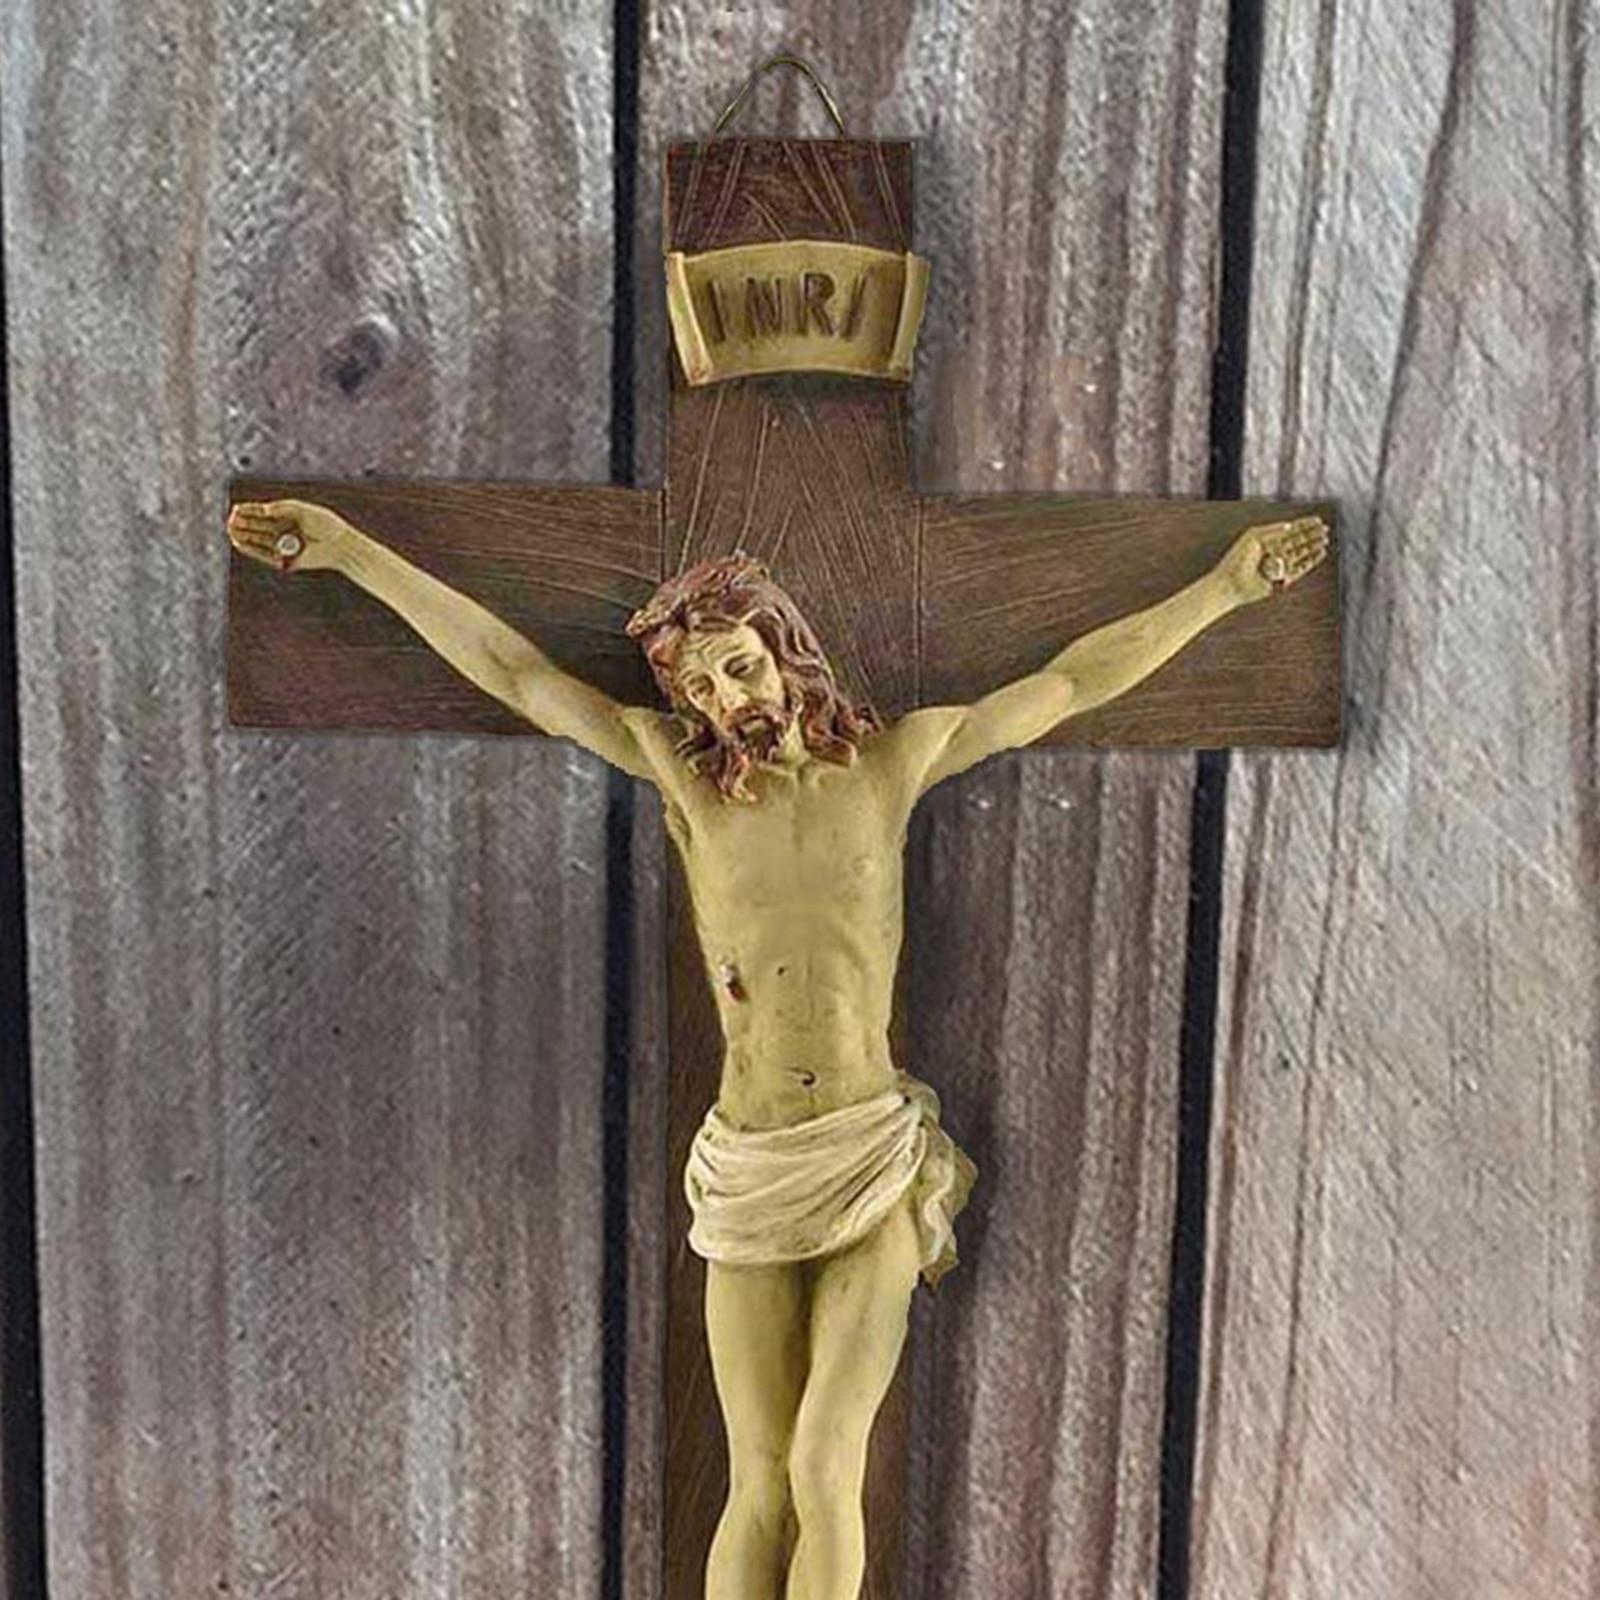 Модель с распятием религиозные полимерные, статуя Иисуса, украшение для домашней часовни, христианский амулет, коллекционный подарок